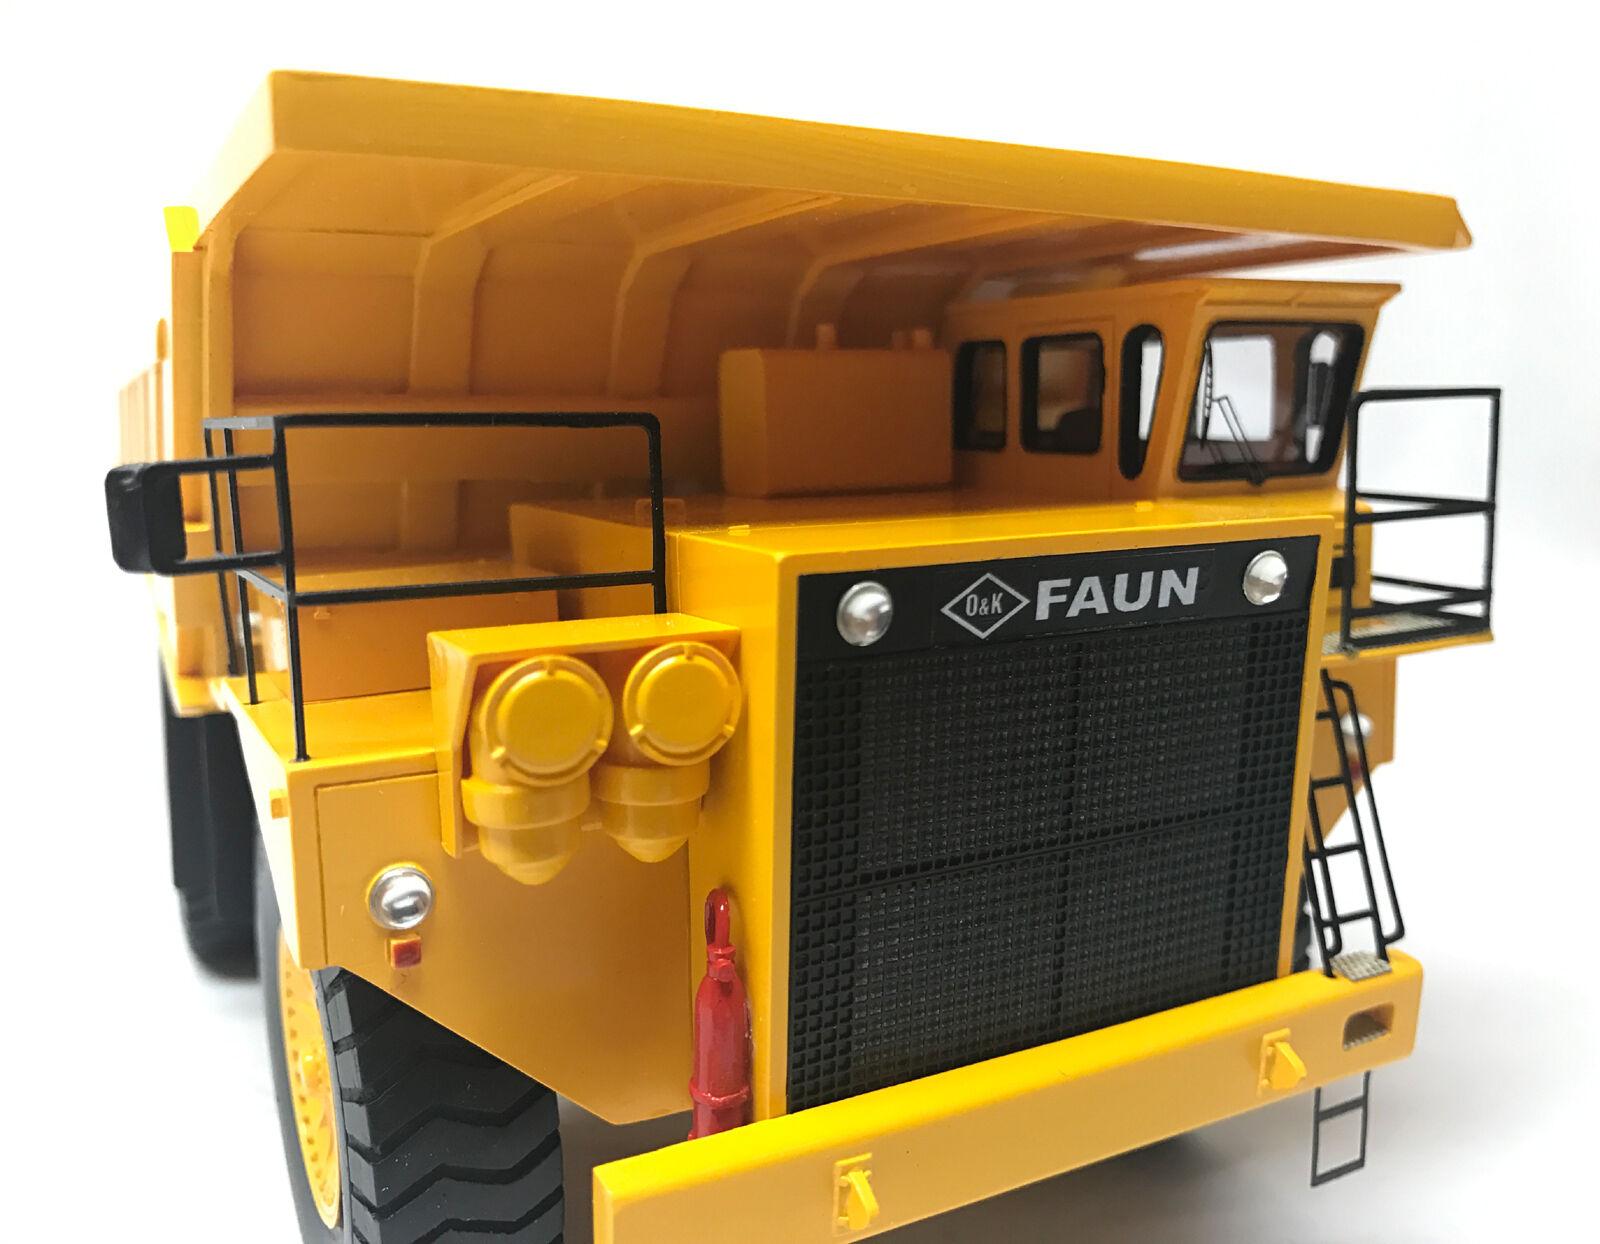 1 50 o&k FAUN K100-haute qualité resin kit par FanKit Models